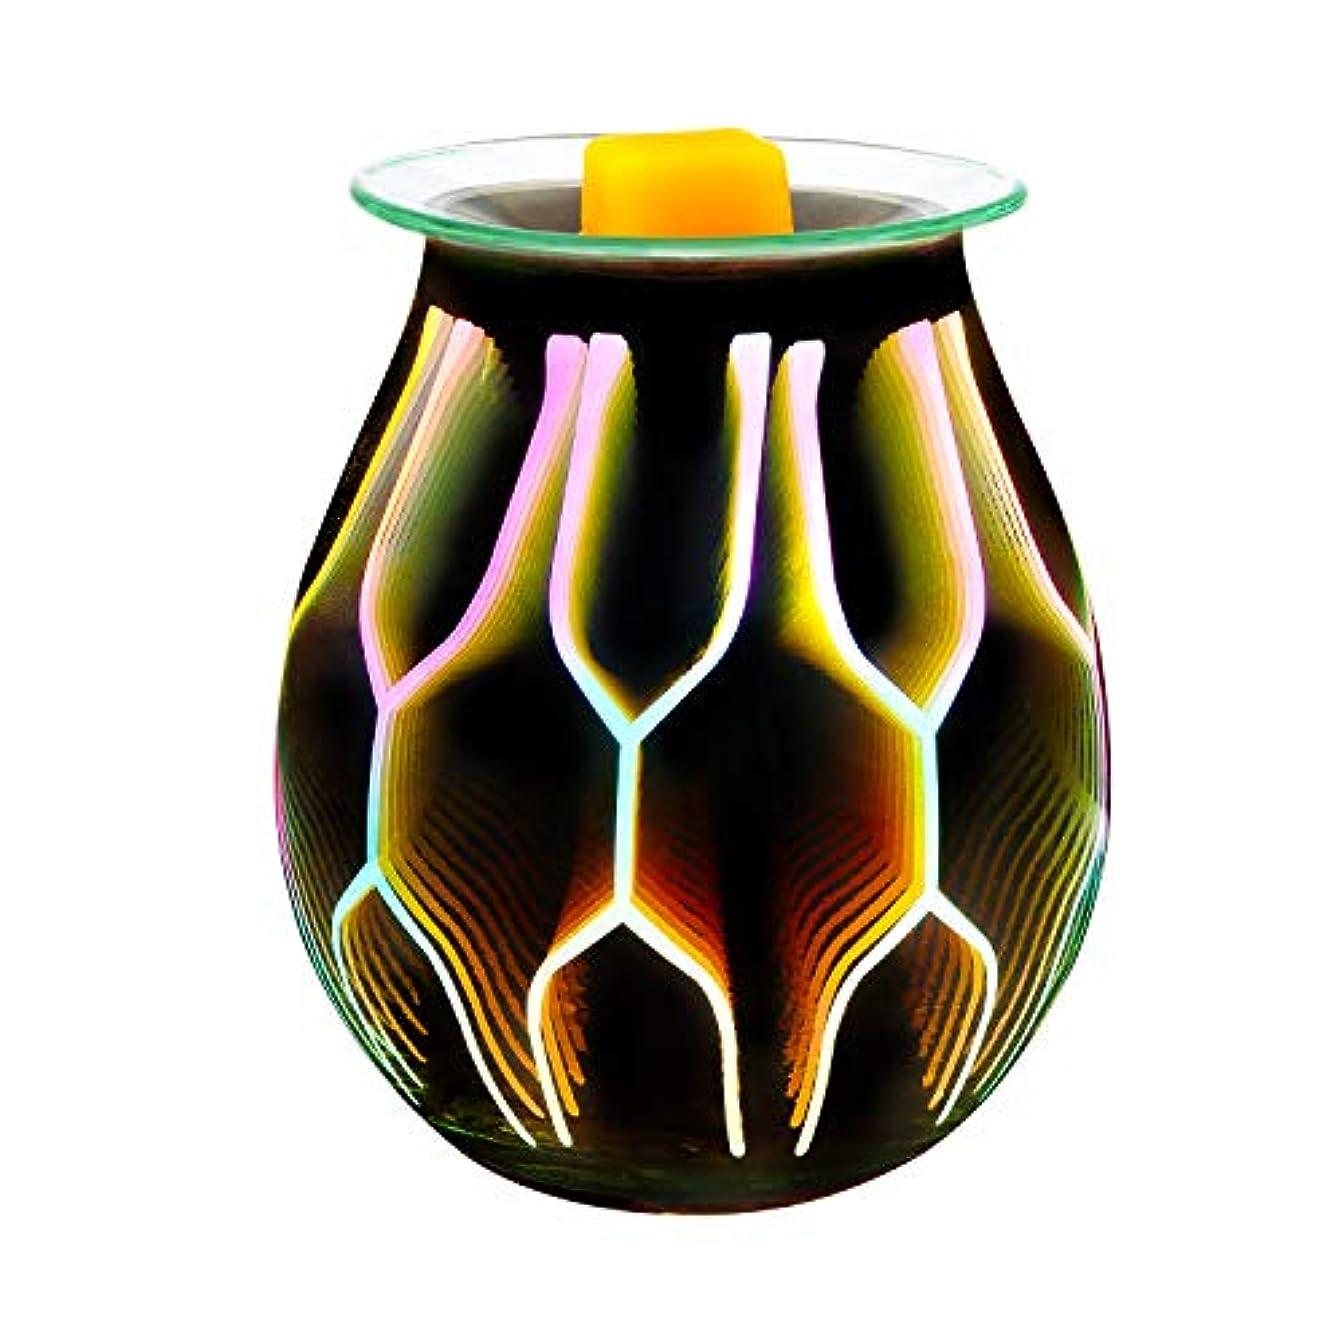 緩むフェザー儀式COOSA Electric Oil Warmer、美しいガラスワックスTartスターバーストNight Burnerライトアロマ装飾ランプwith 3d効果ギフトの装飾、パーティー、